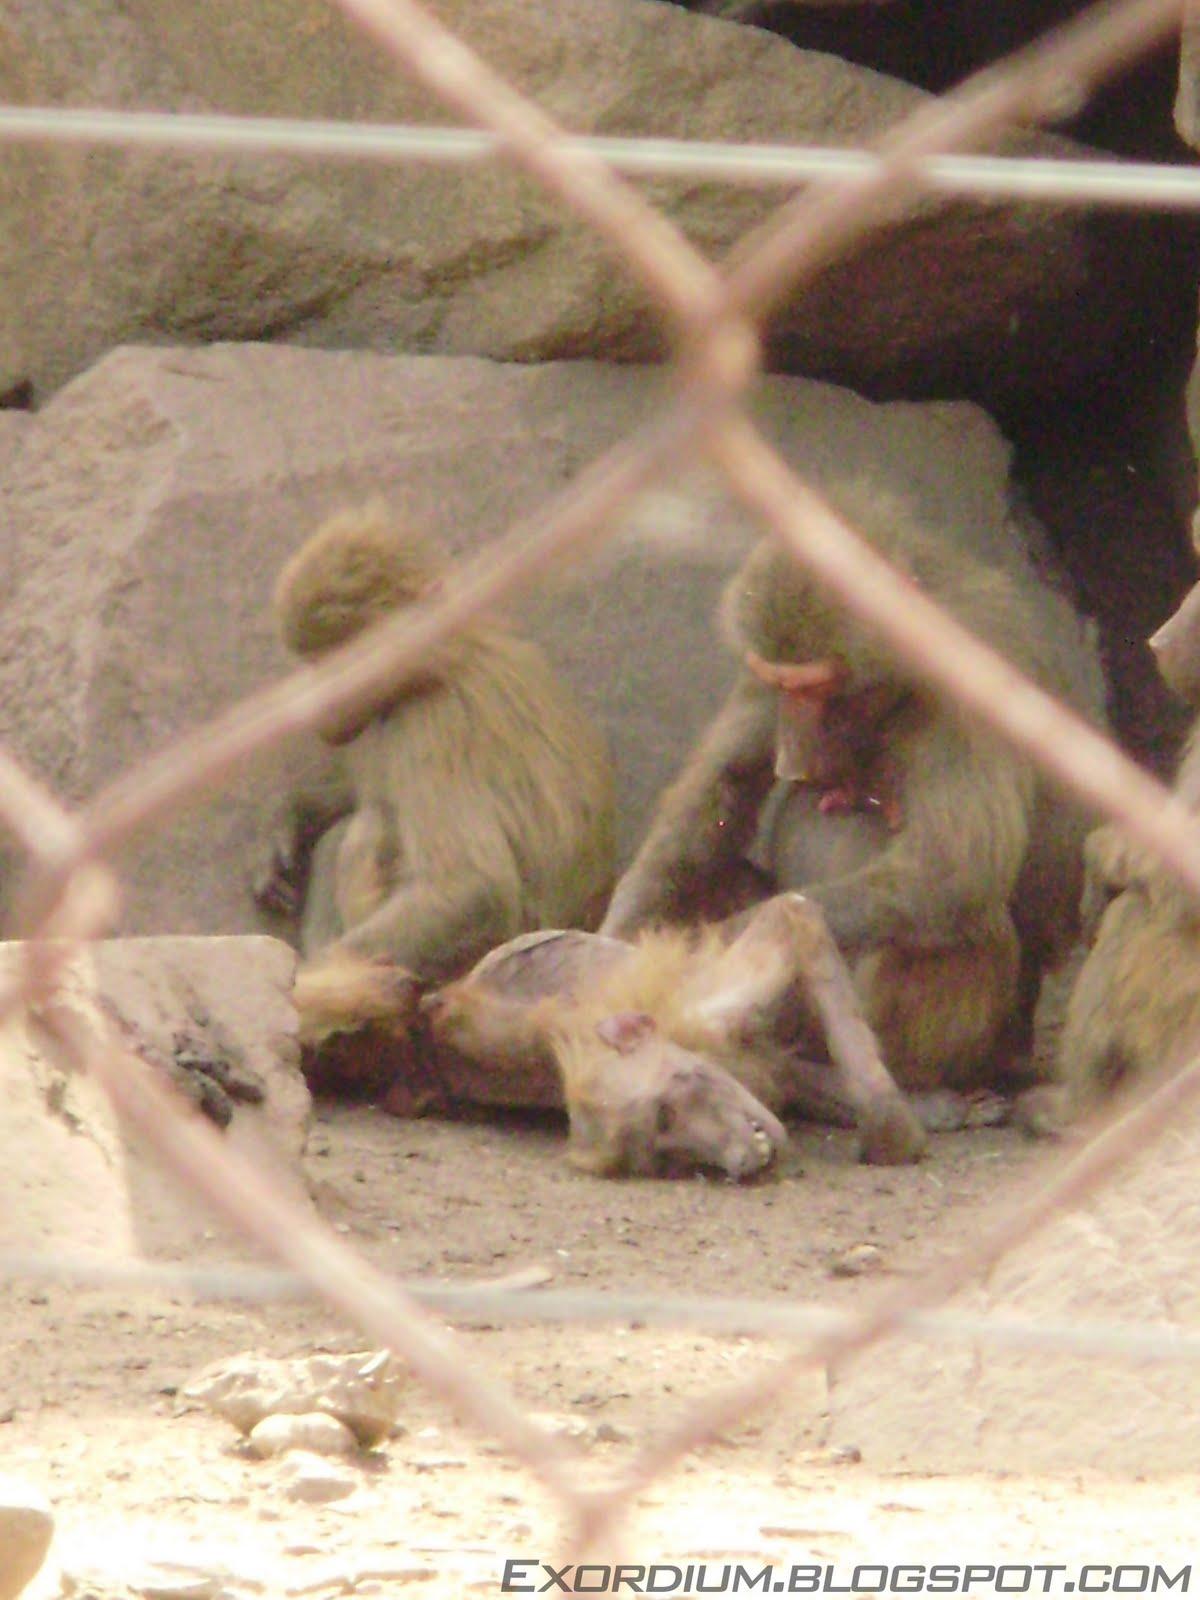 Animales muy monos: fotos - fotos de animales muy monos